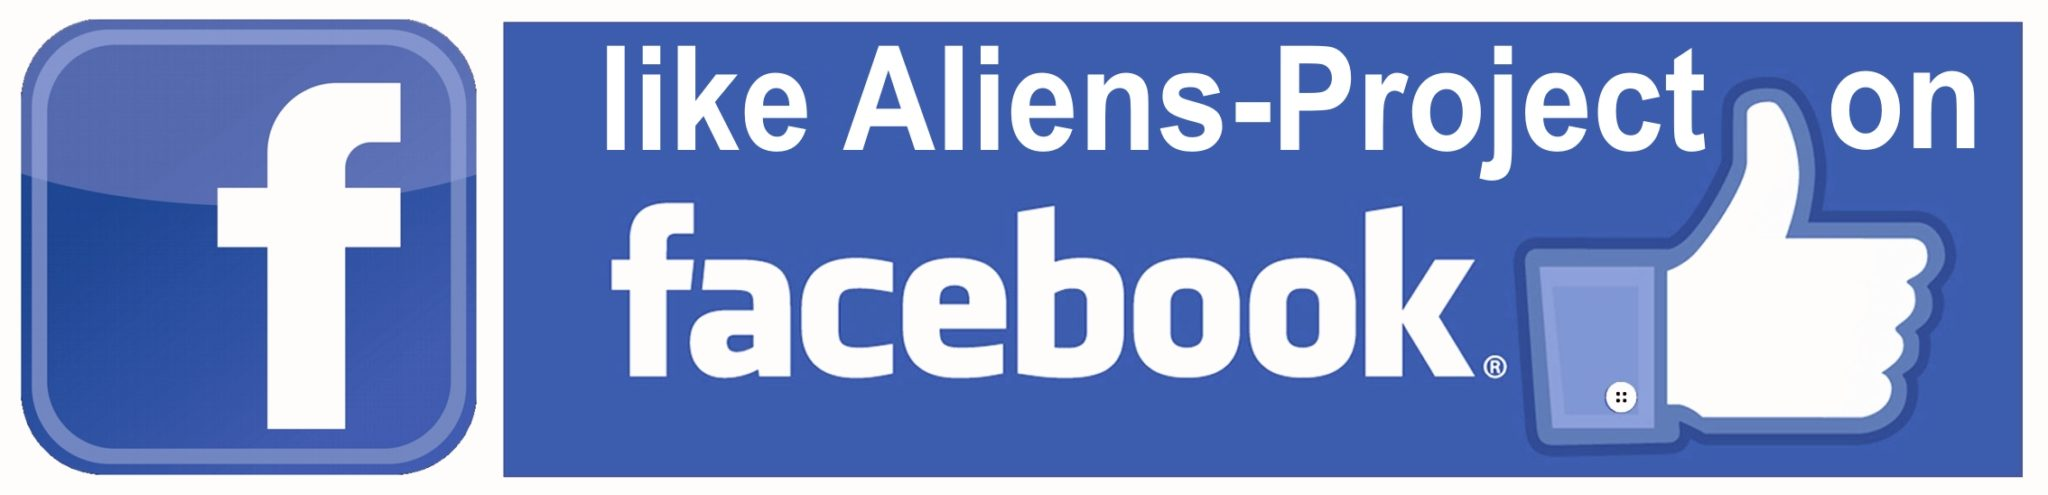 facebookAliens